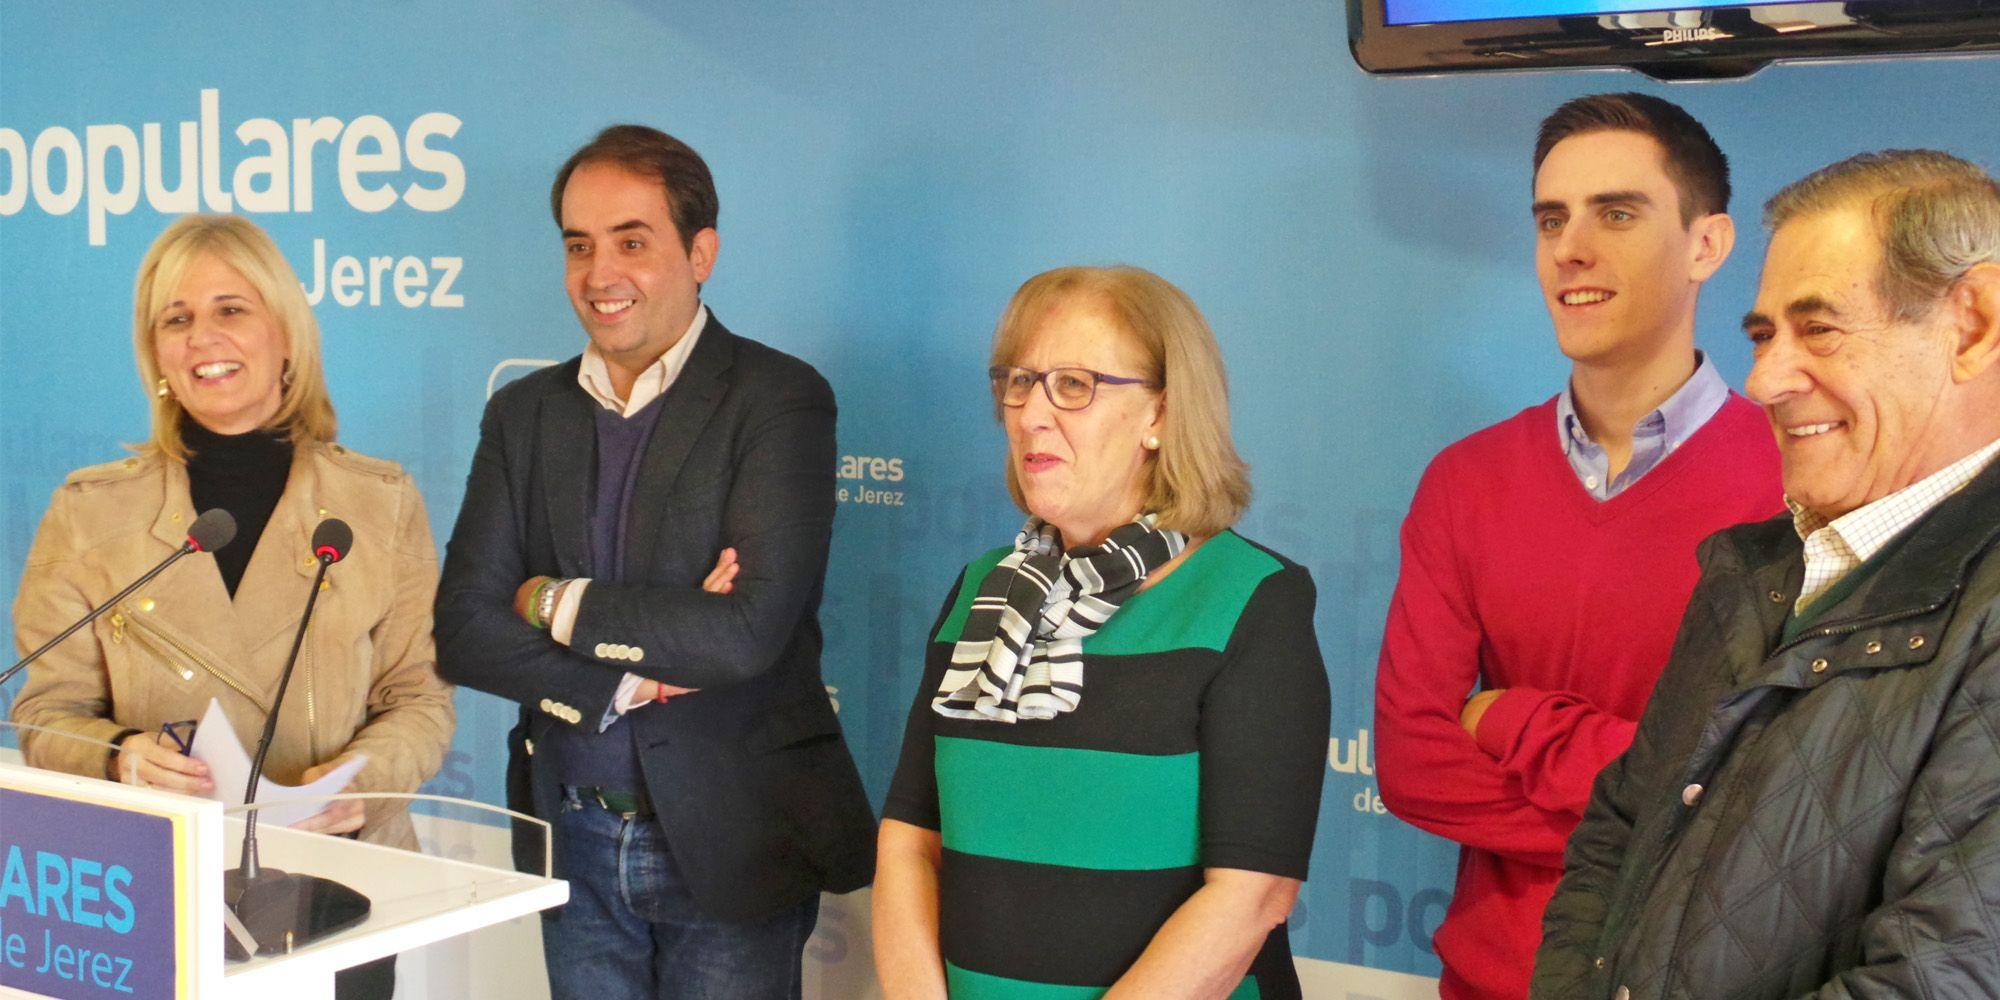 María José García-Pelayo, en rueda de prensa en la sede del PP de Jerez acompañada por Antonio Saldaña, José Galvín, María José Rúa y Jaime Espinar